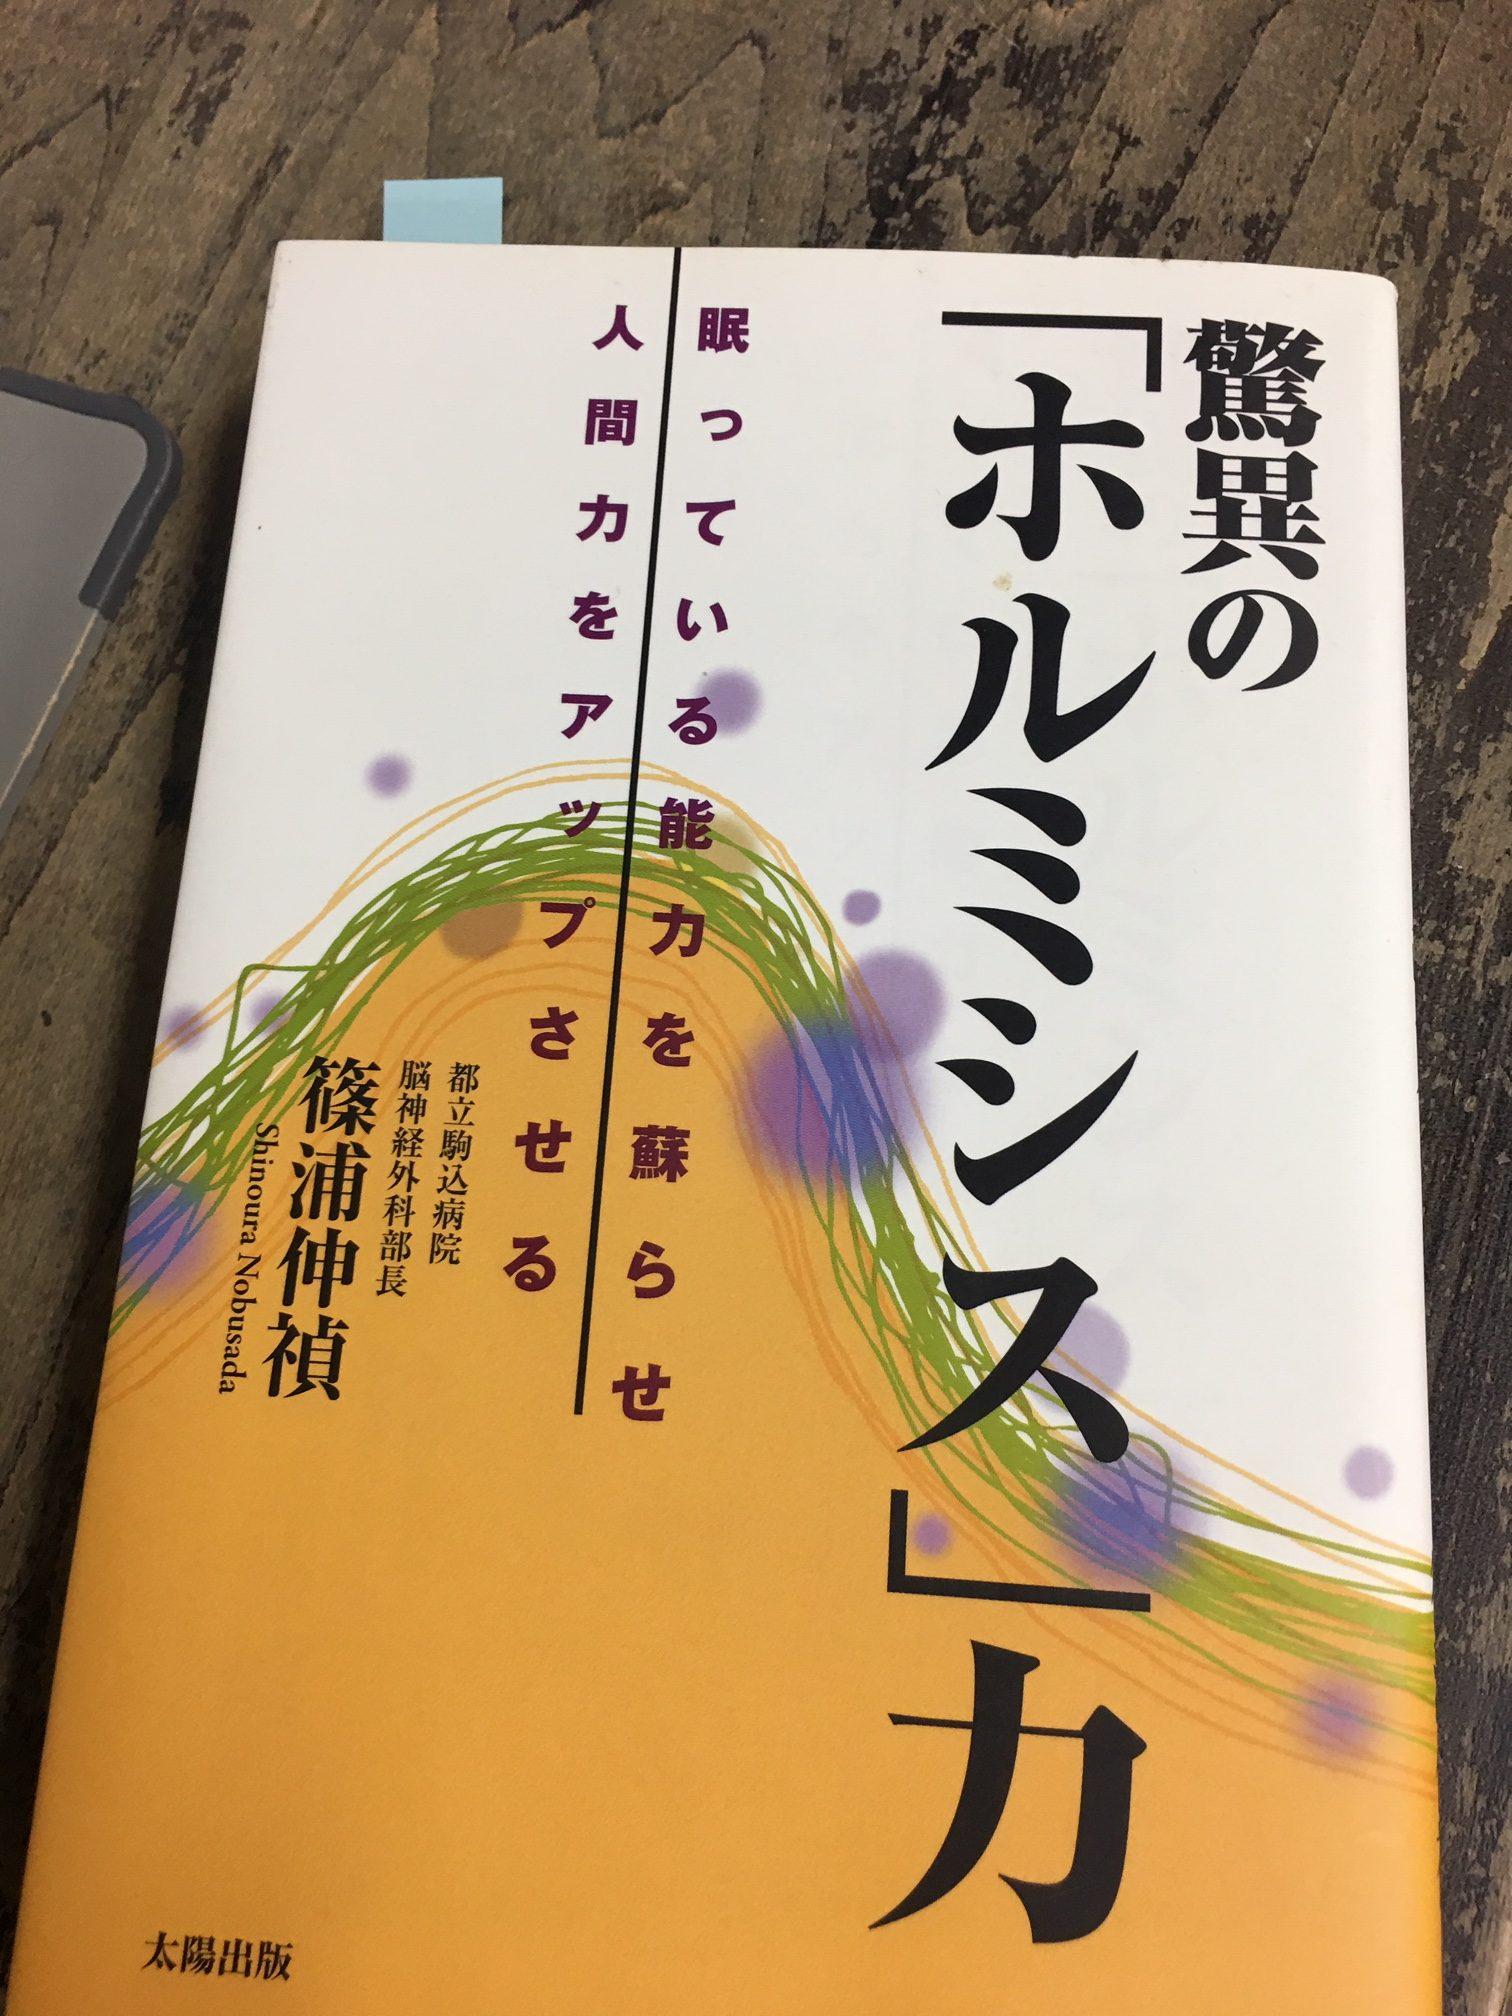 ホルミシス http://www.ankh-jp.com